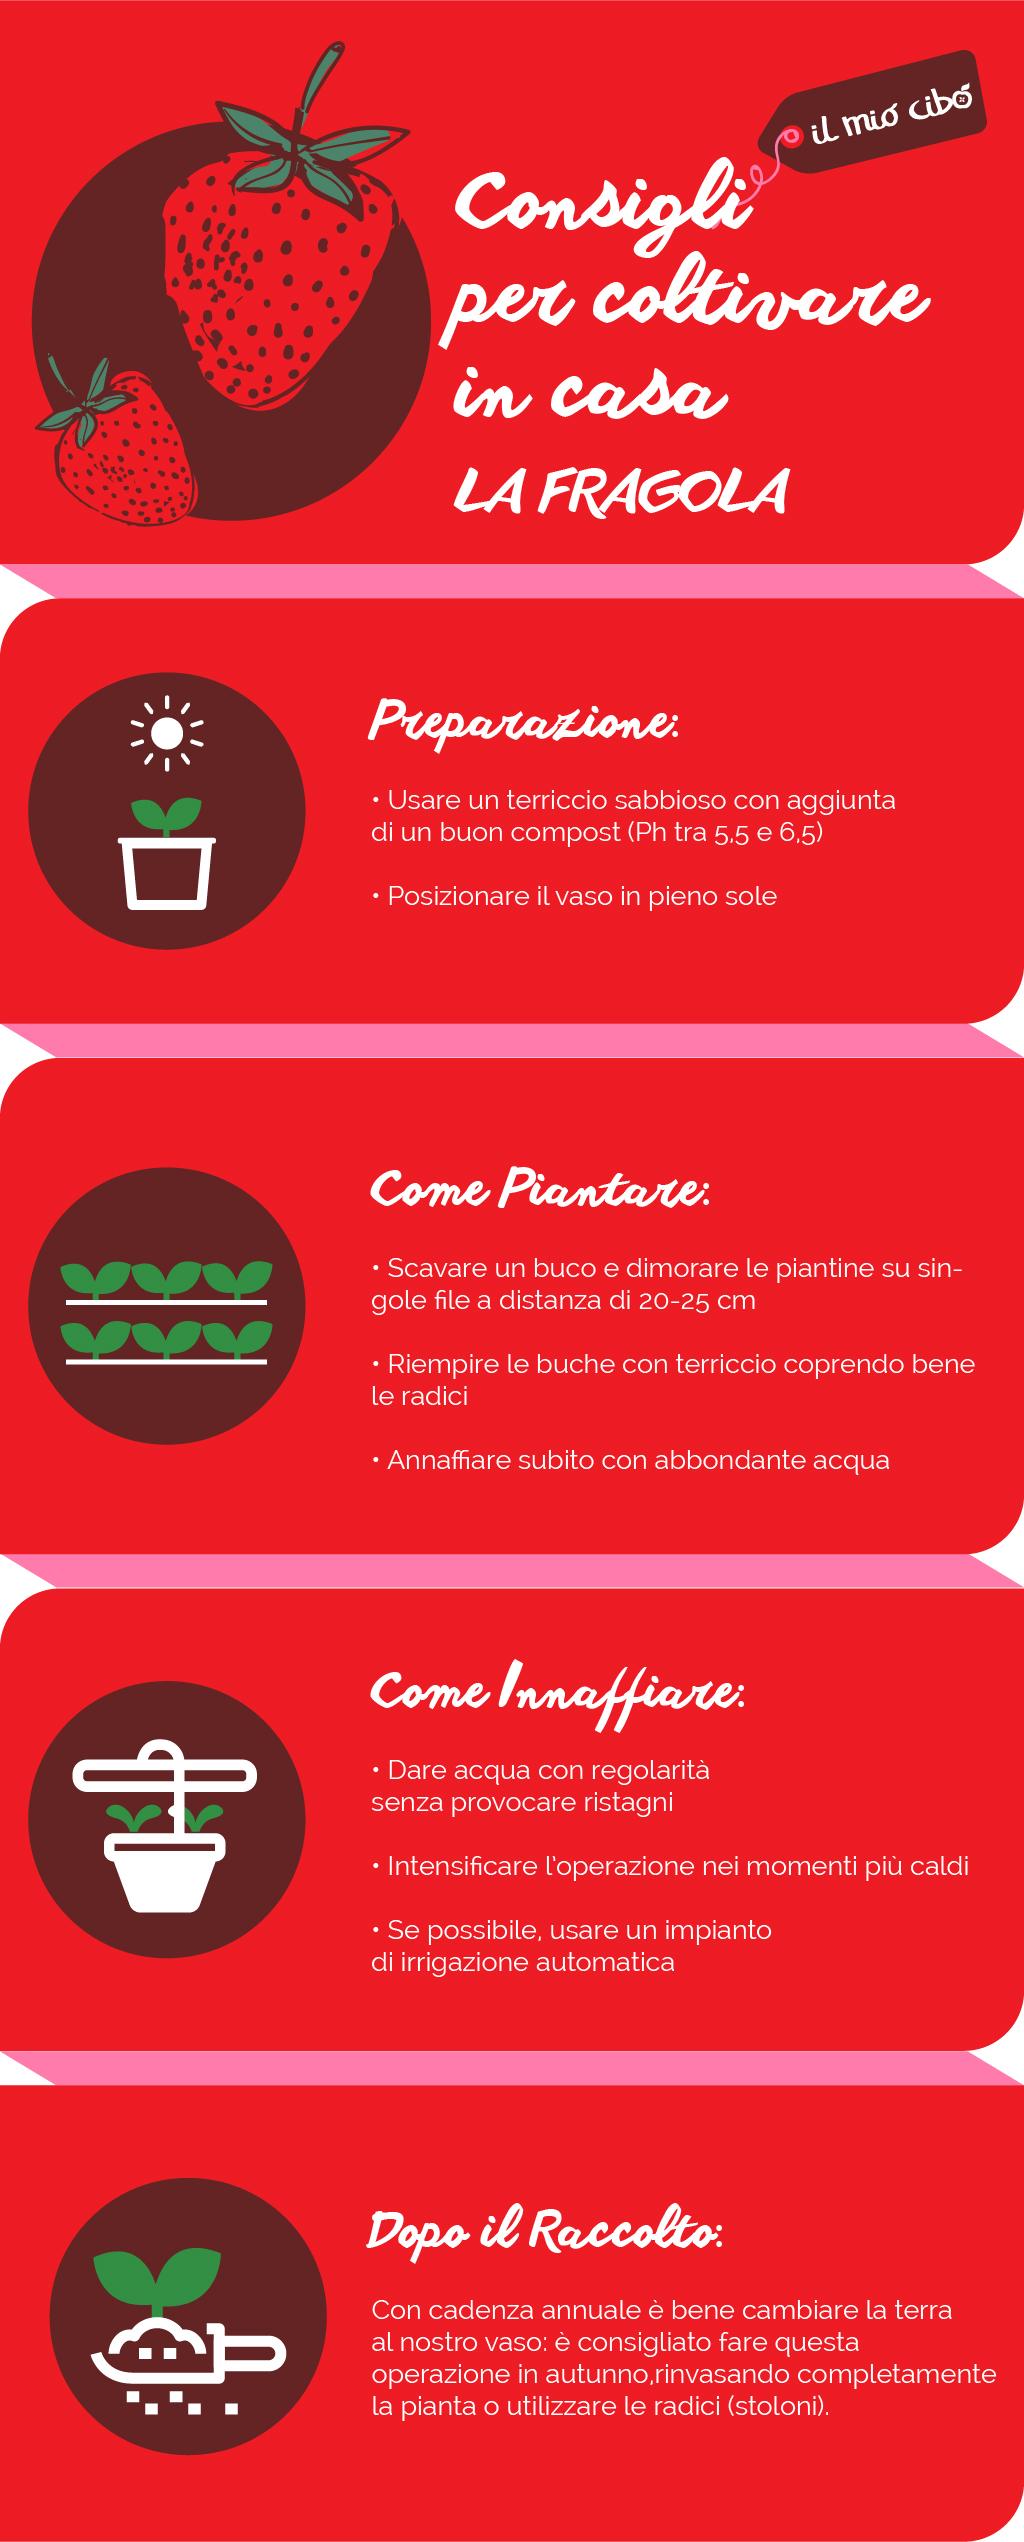 Consigli Per La Casa infografica: consigli per coltivare in casa - la fragola